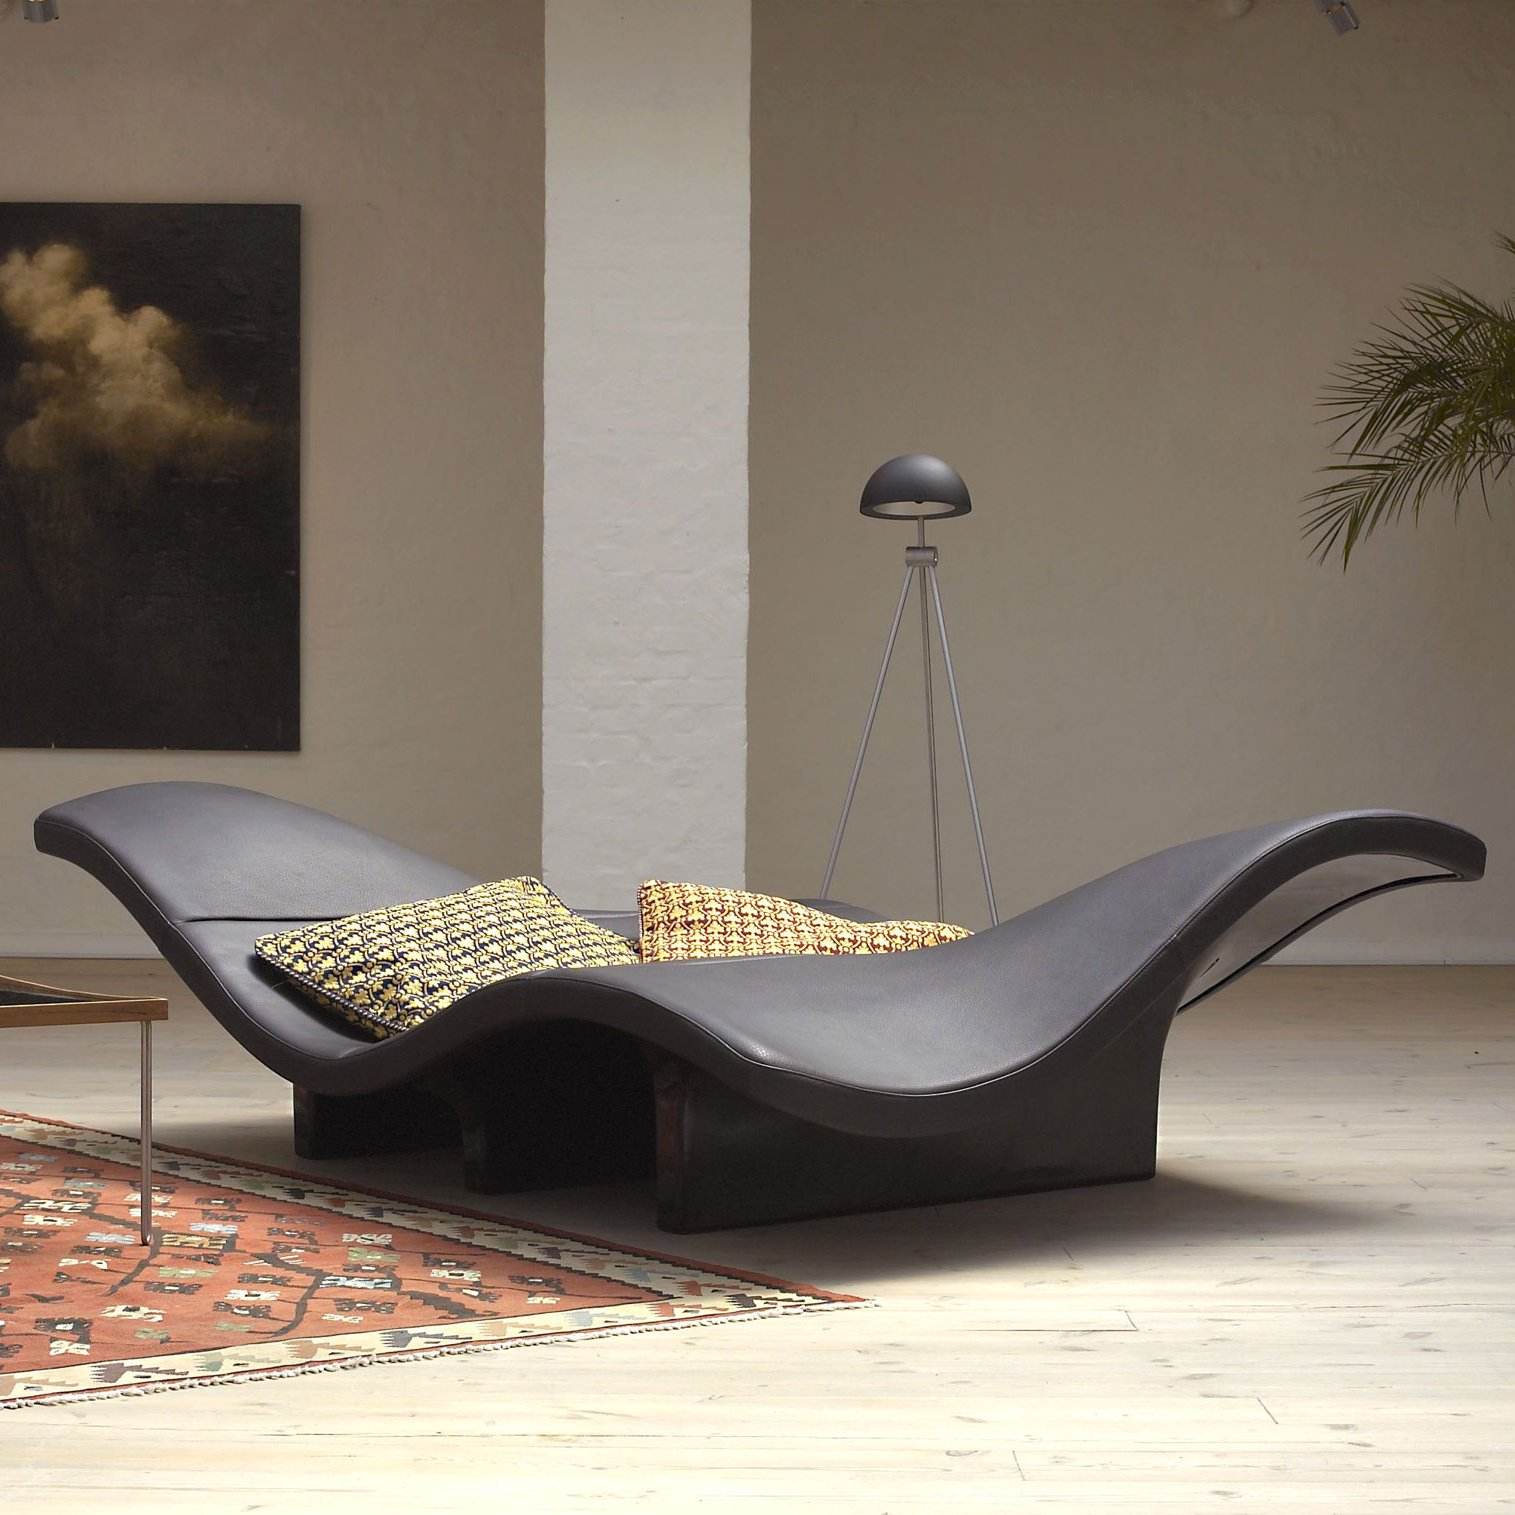 продаже цистерн креативная мягкая мебель фото того чтобы